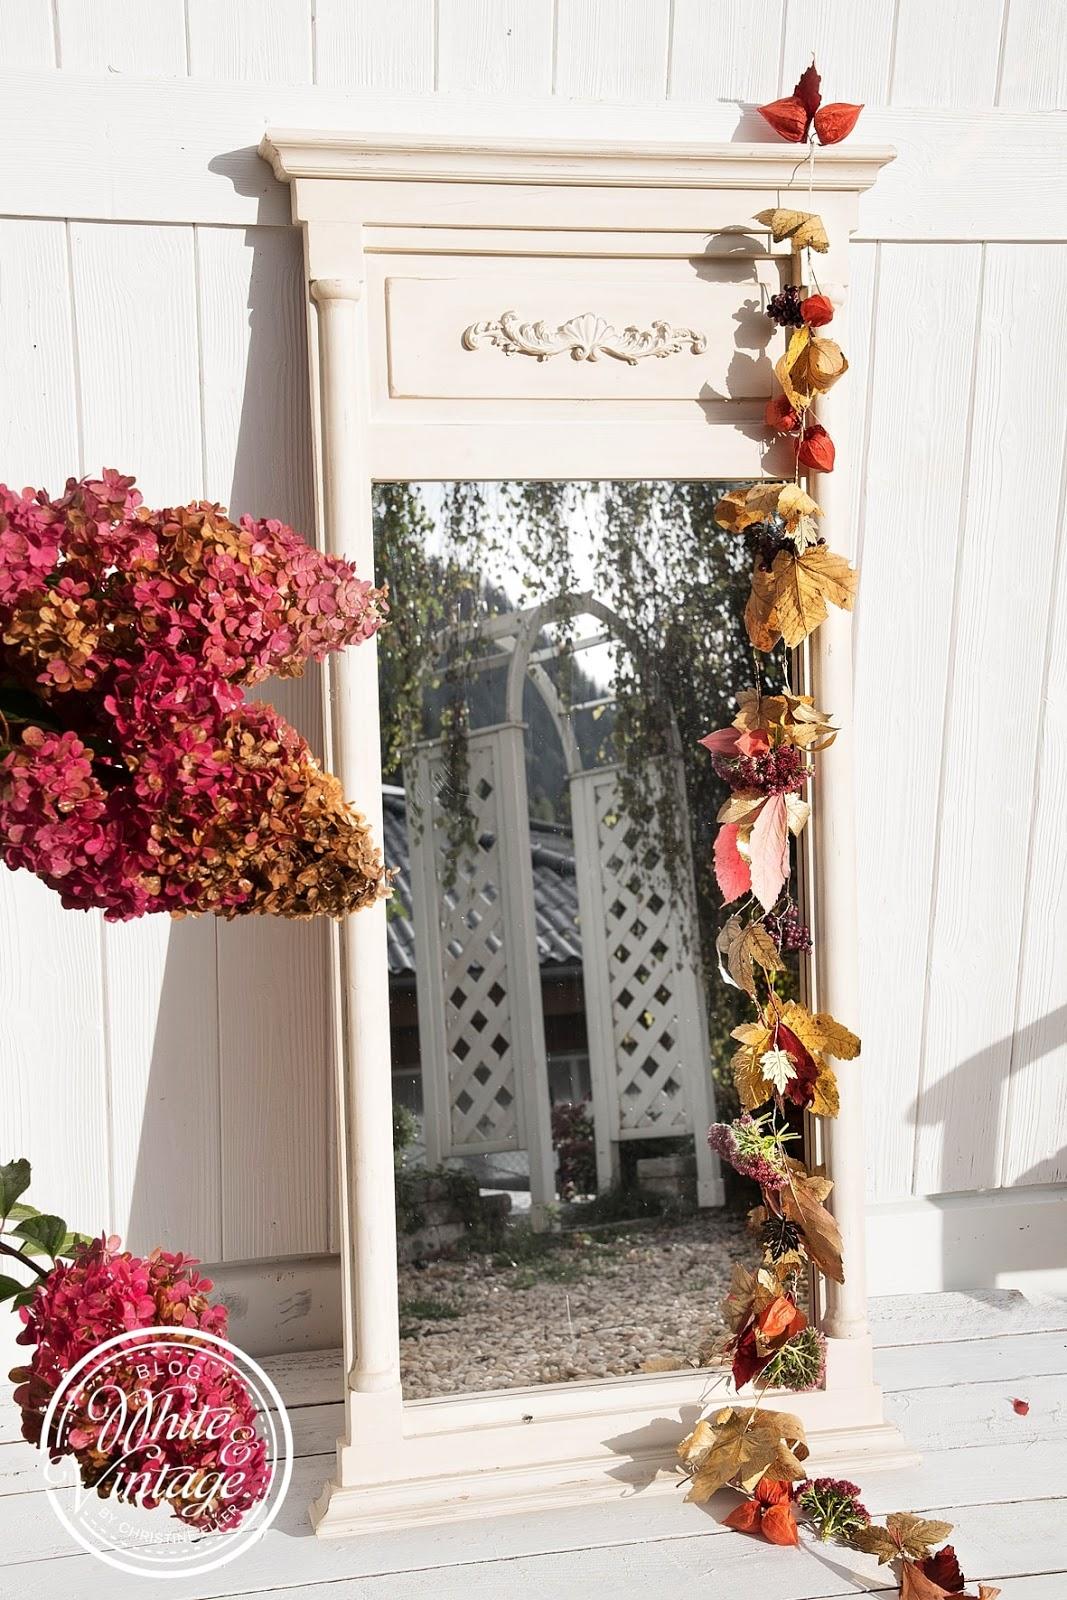 Spiegel mit Blättergirlande dekorieren.